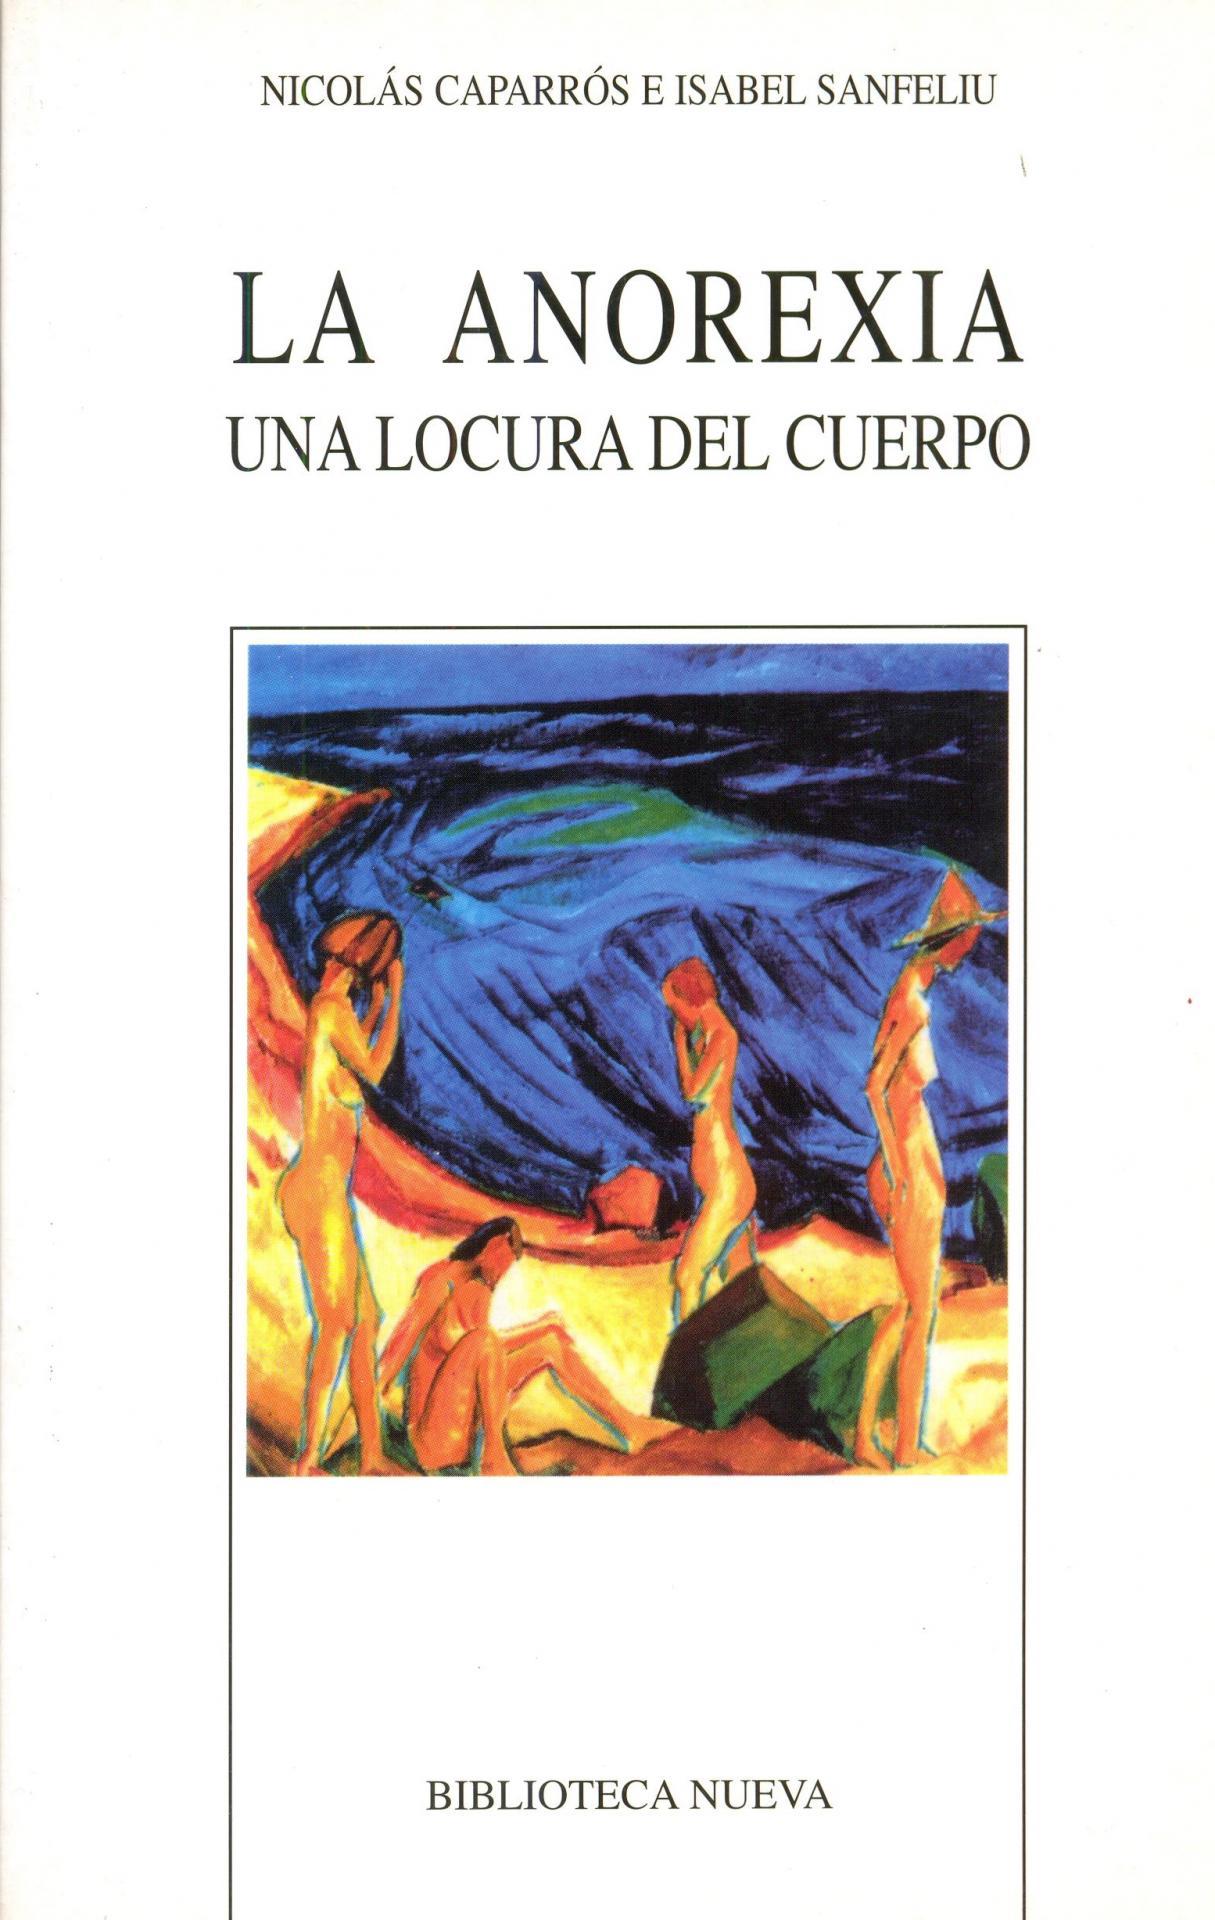 LA ANOREXIA. Una locura del cuerpo. Caparrós, N.; Santfeliu, I.